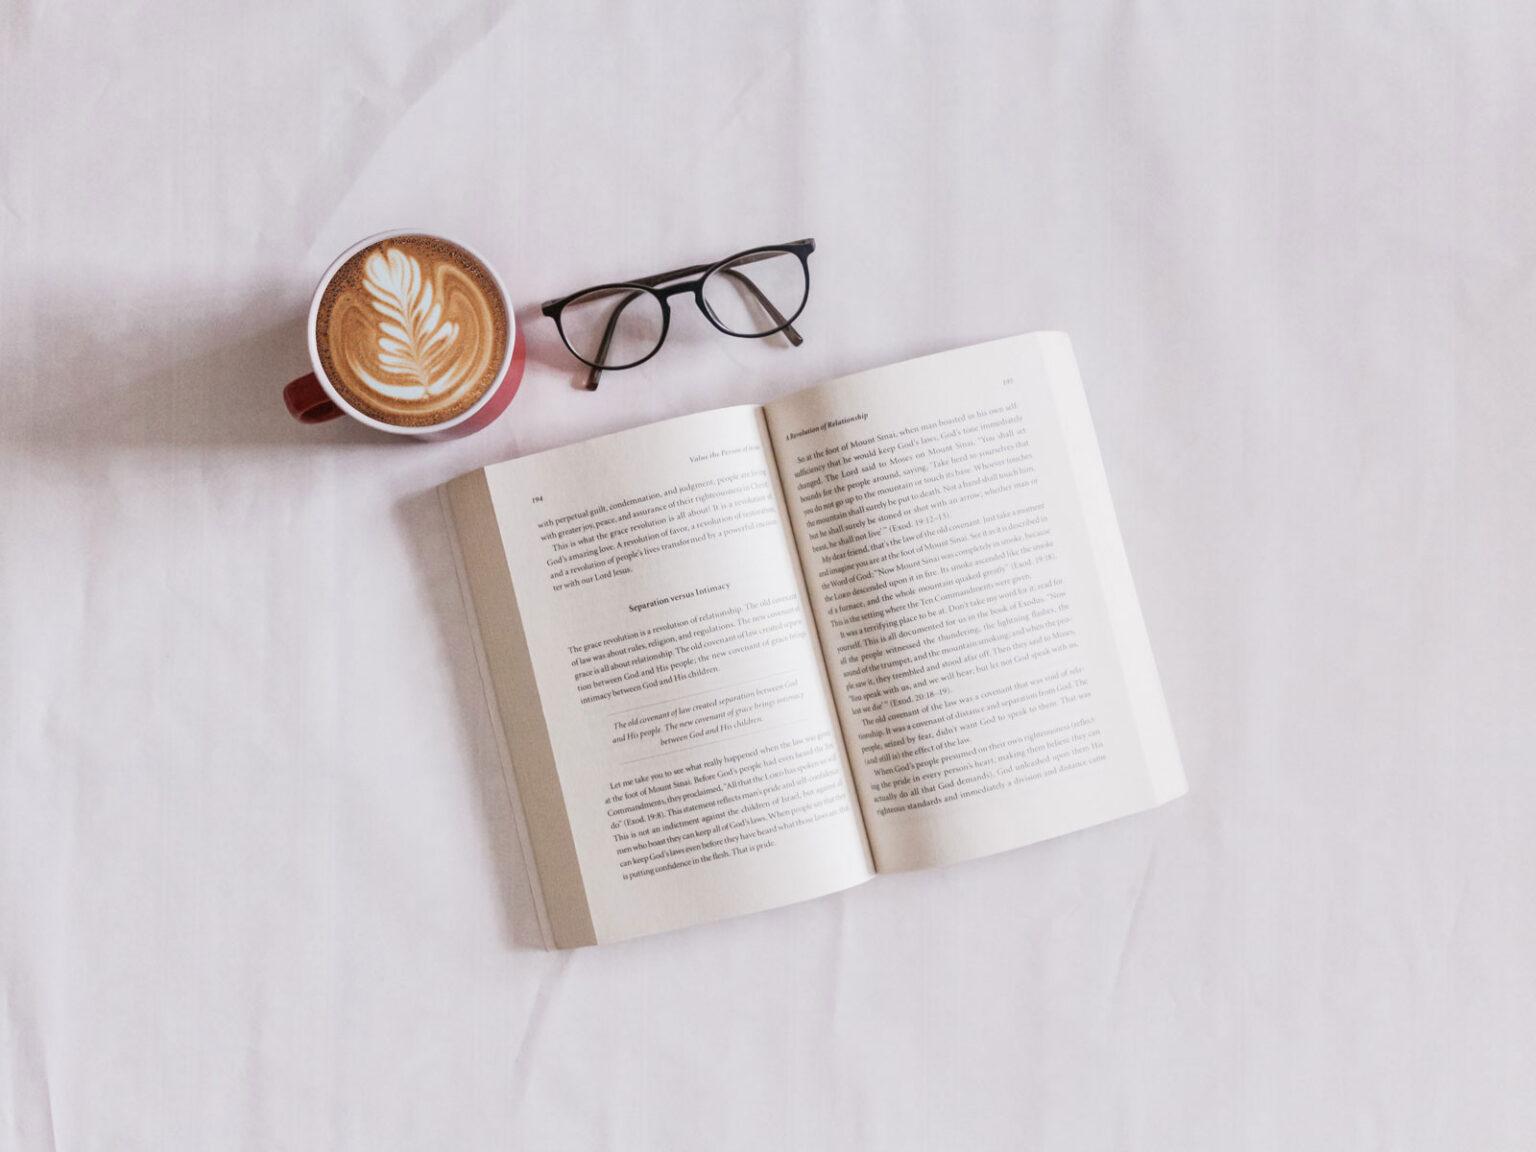 Libro de cuidados de la piel sobre la cama con un café